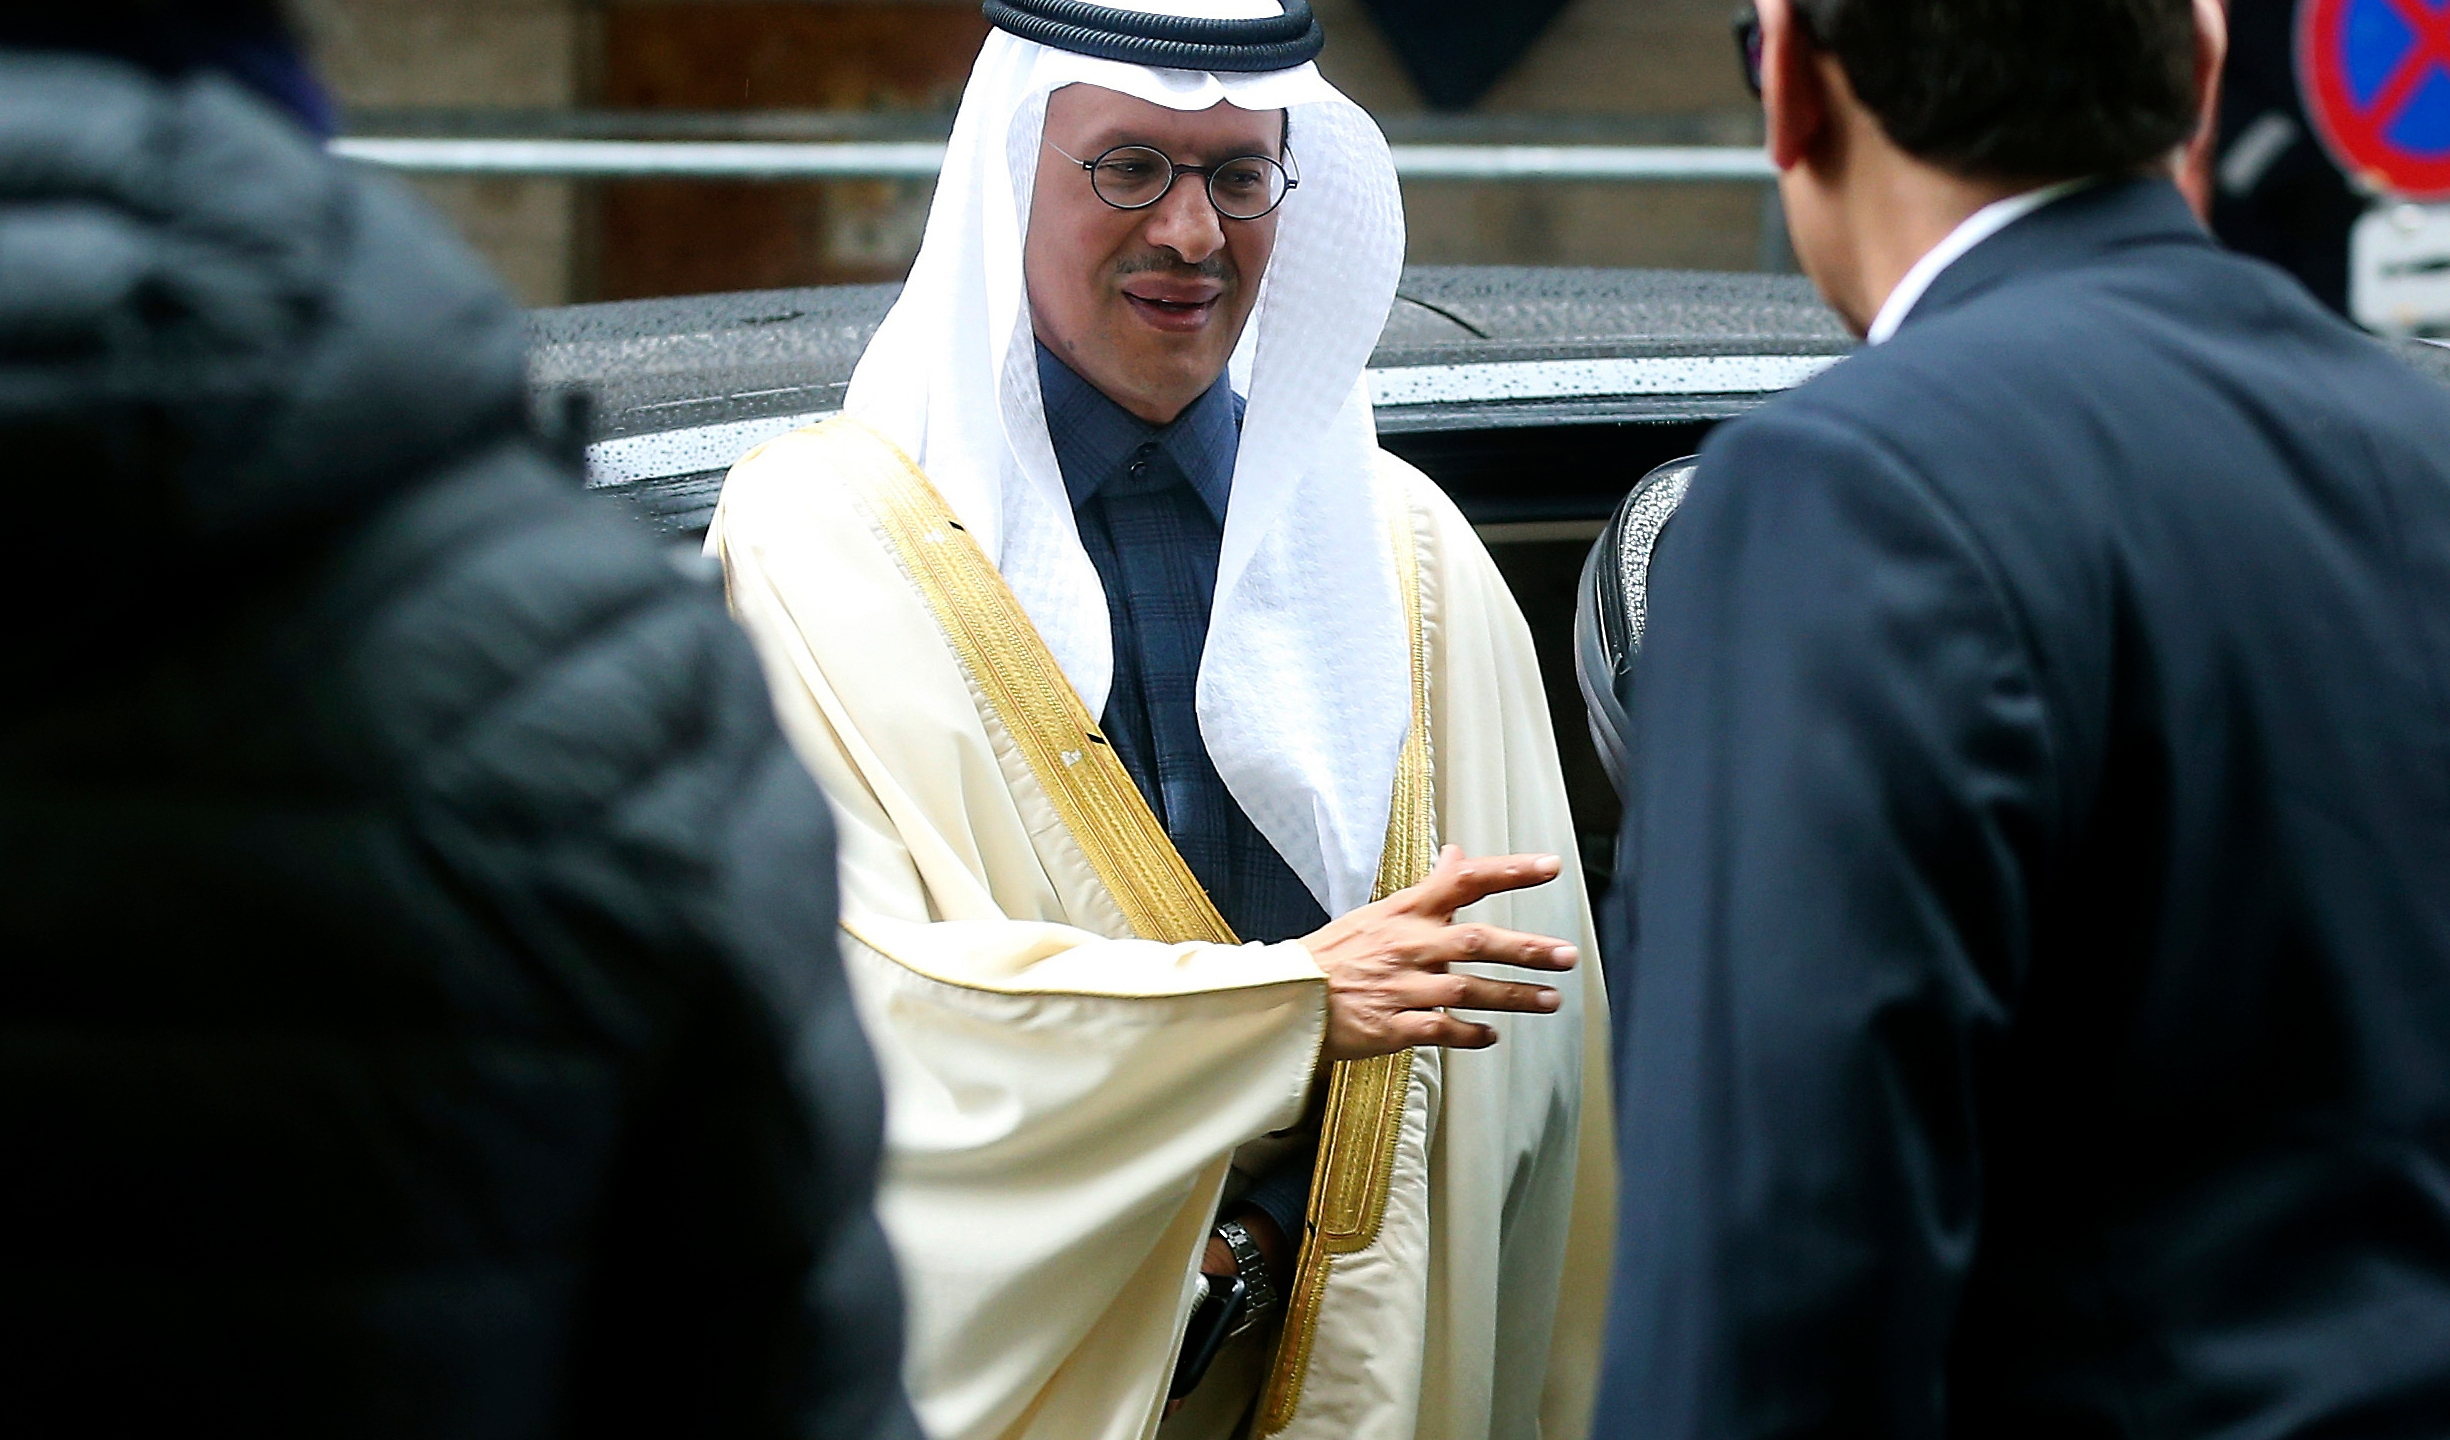 Abdulaziz bin Salman Al-Saud